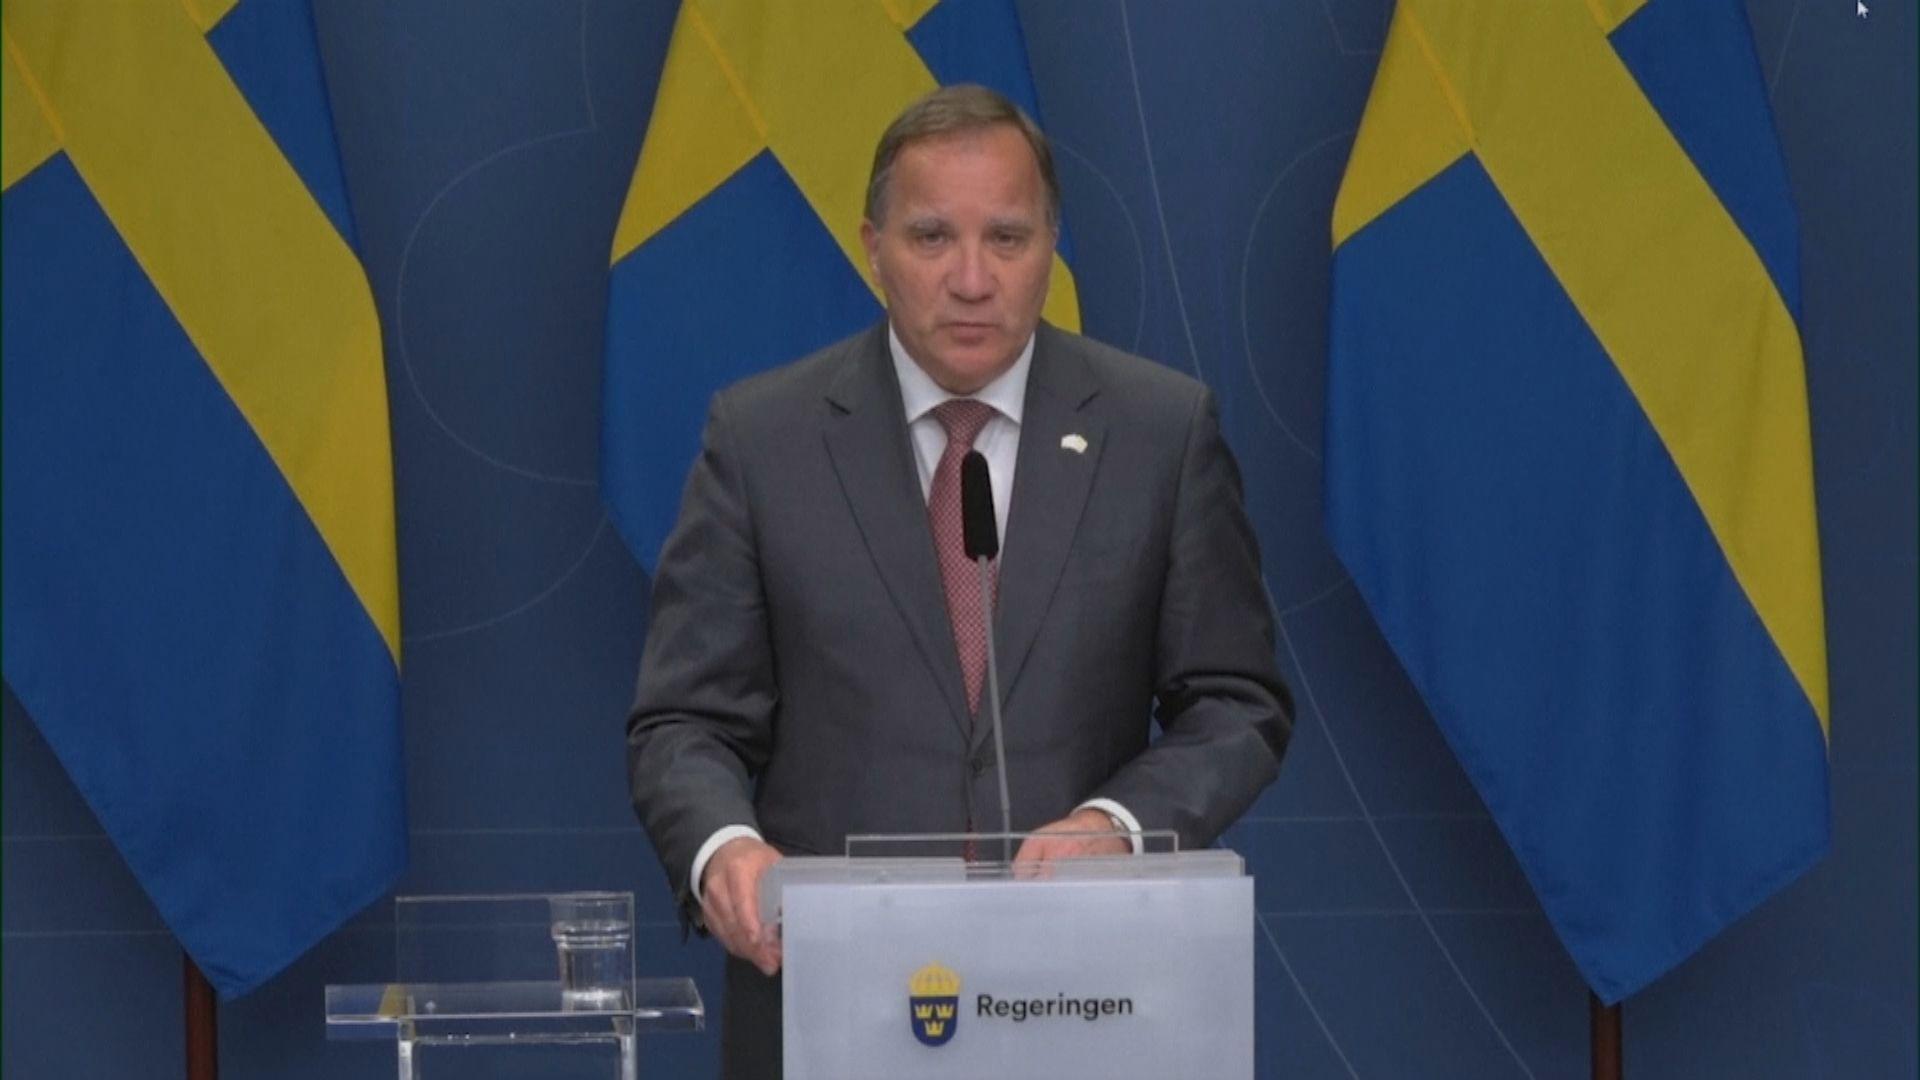 瑞典國會通過對首相勒文不信任動議